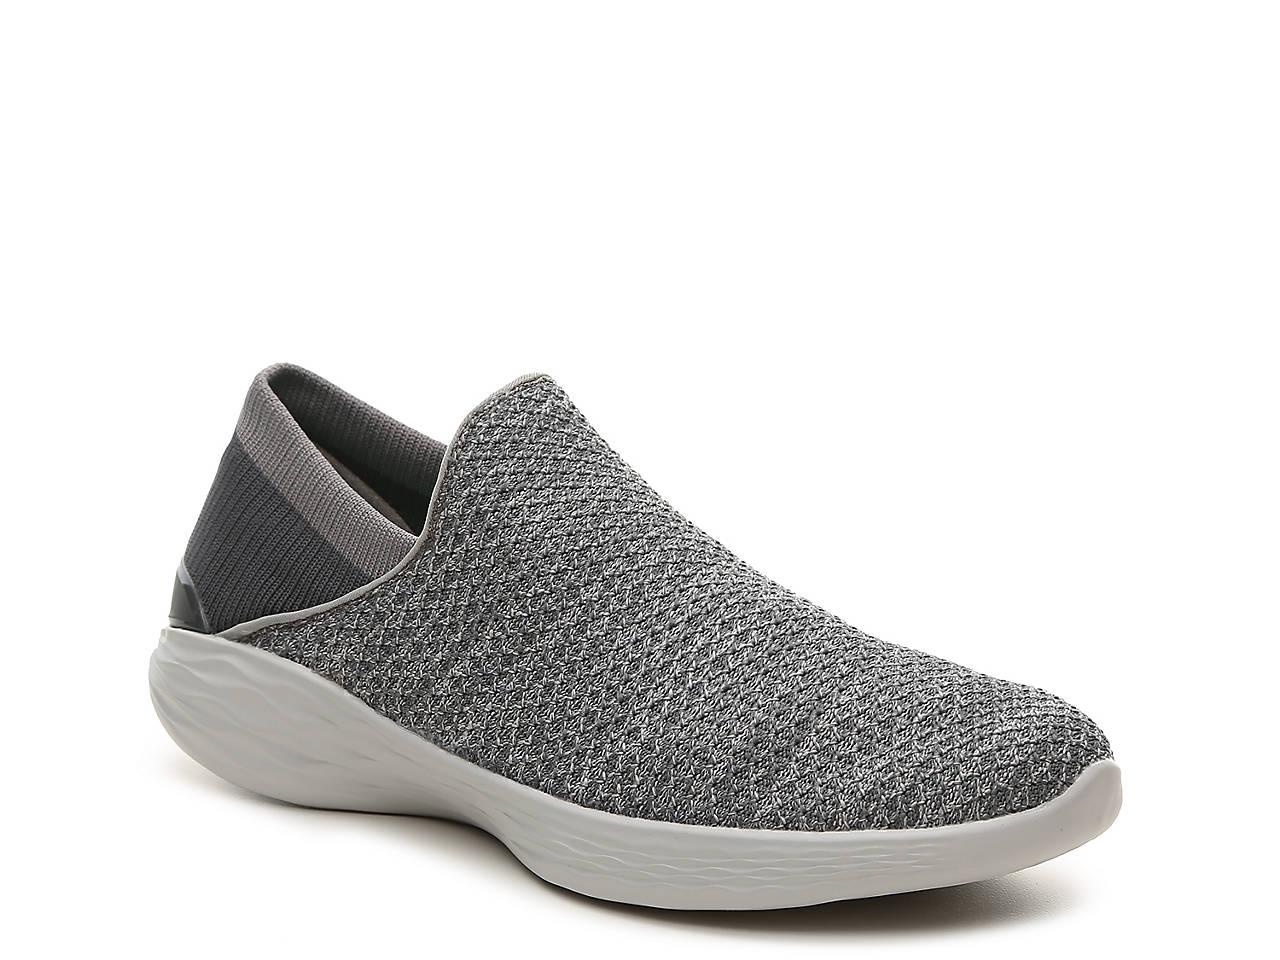 Skechers YOU Slip-On Sneaker (Women's)